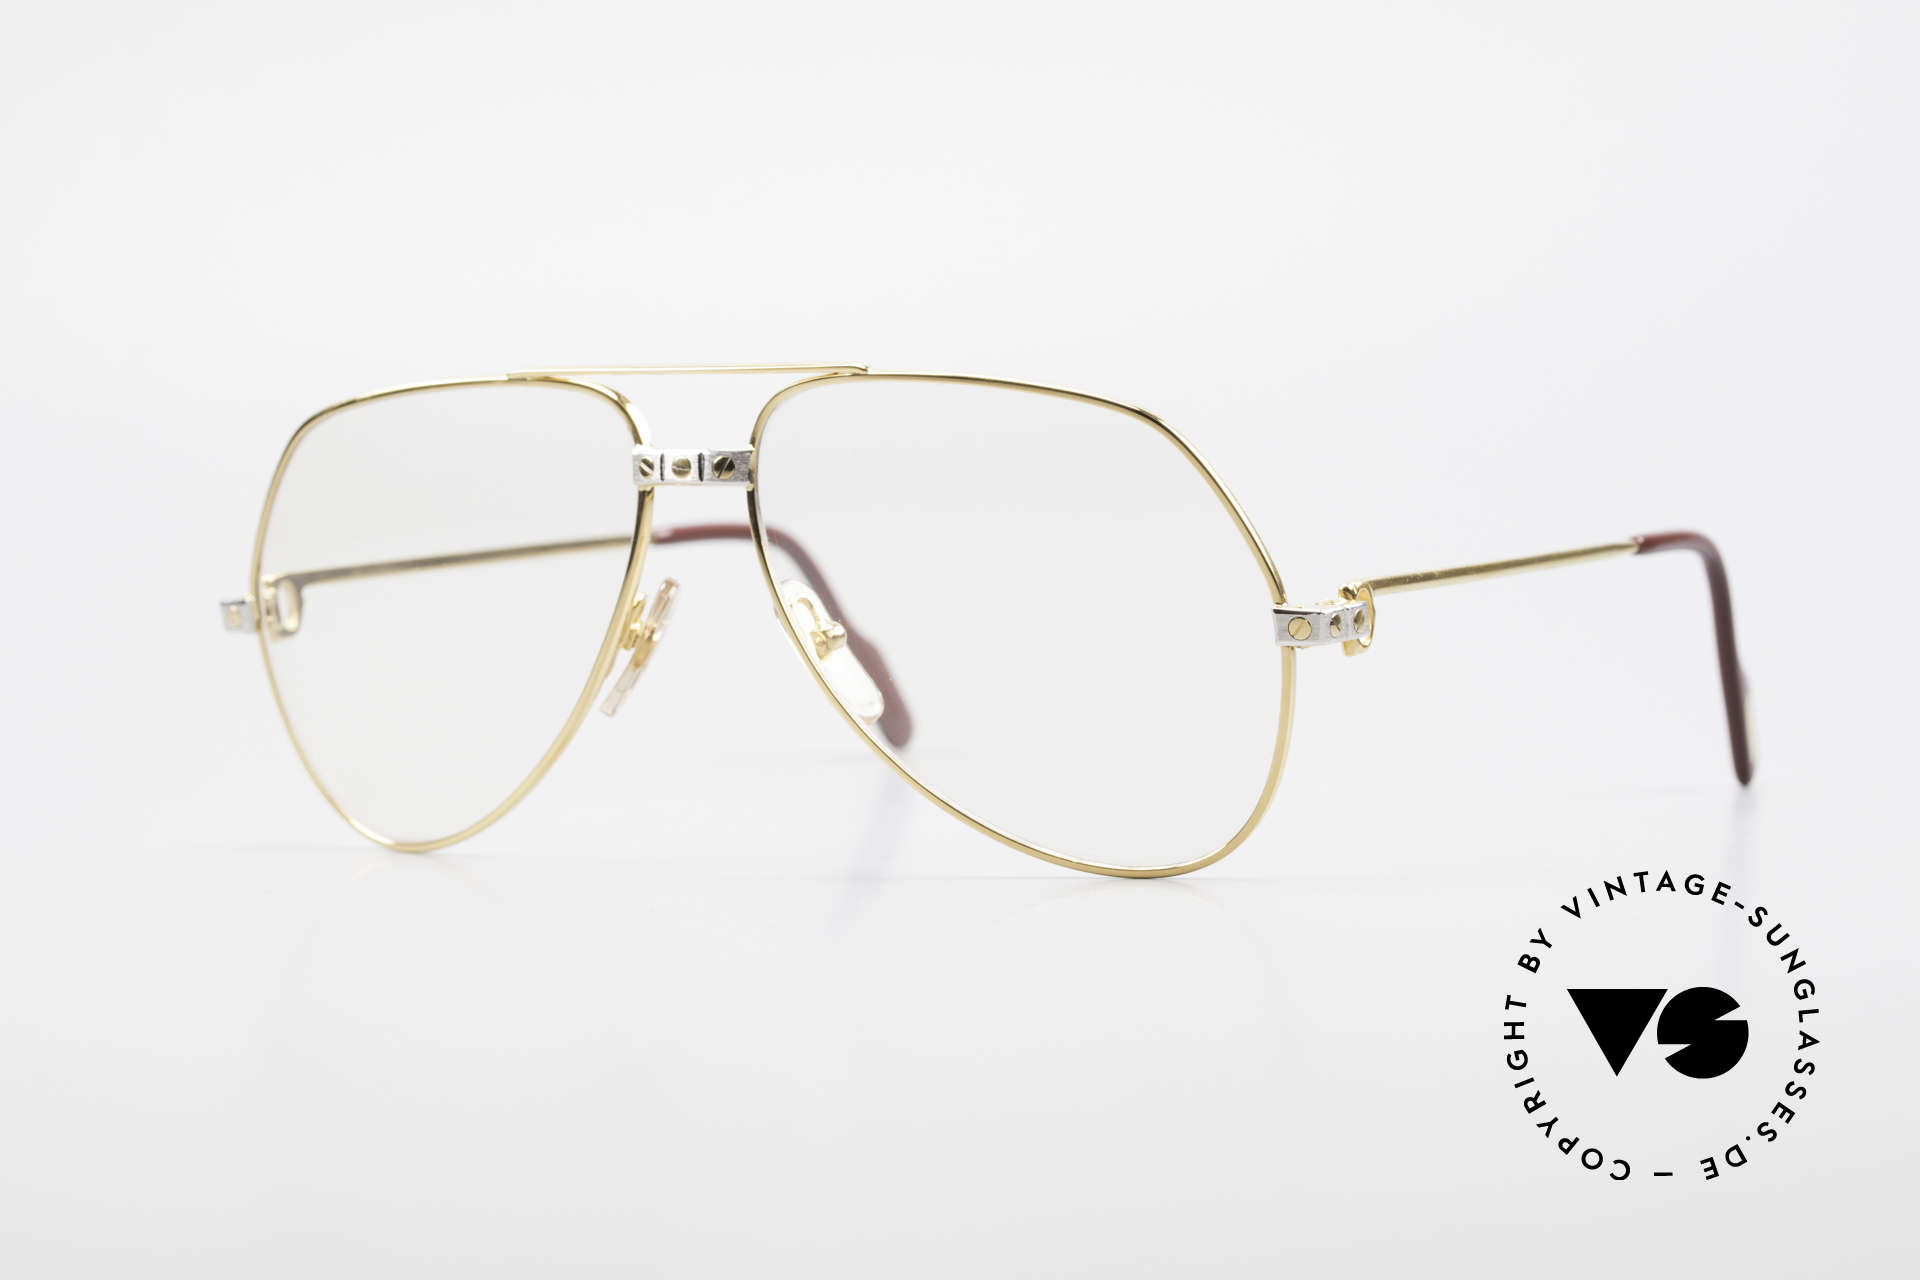 Cartier Vendome Santos - M Automatik Cartier Gläser, Vendome = das berühmteste Brillendesign von CARTIER, Passend für Herren